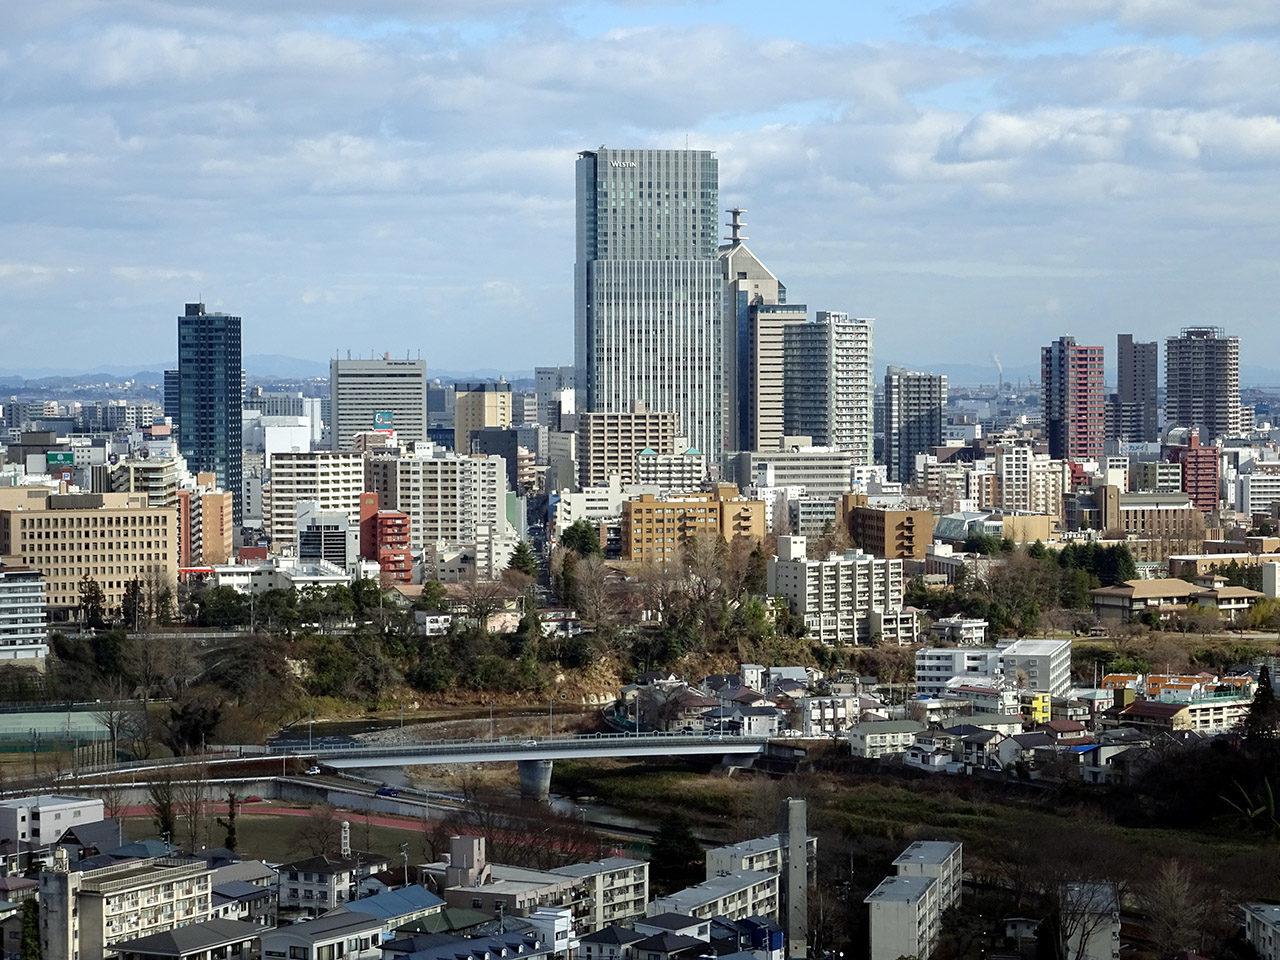 宮城県の県庁所在地仙台市の風景写真